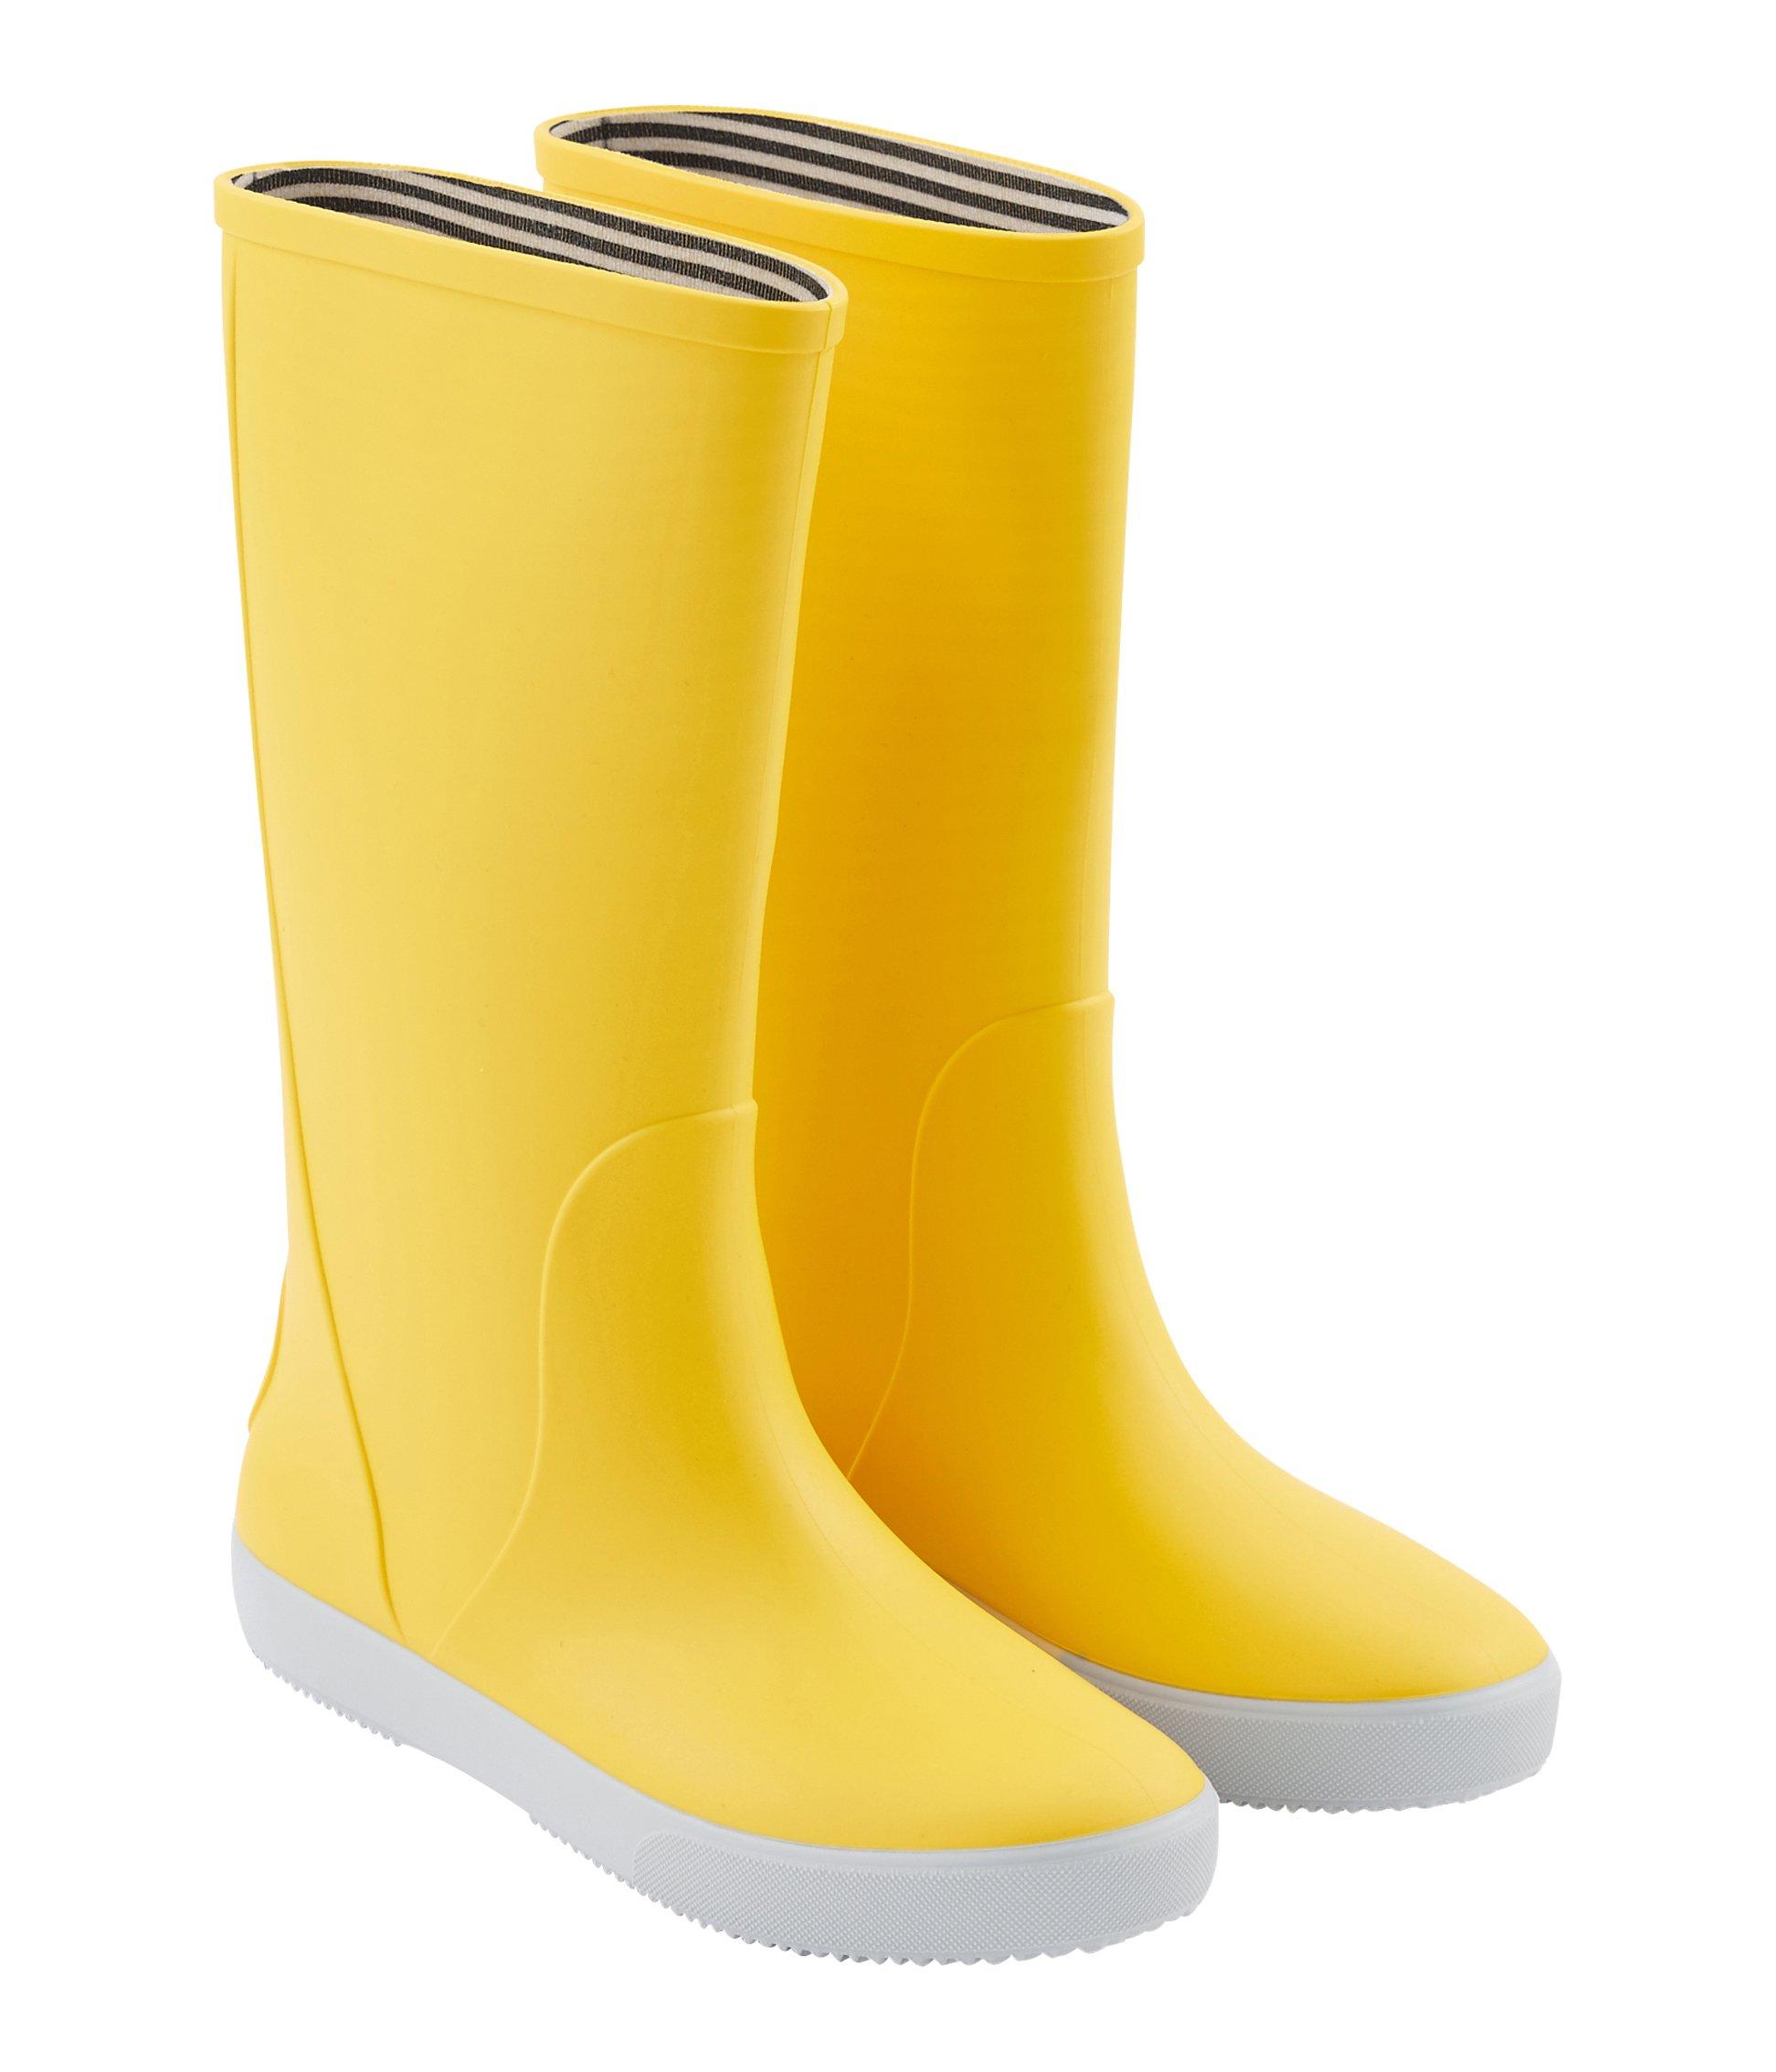 96cb60181a6d3 Bottes de pluie